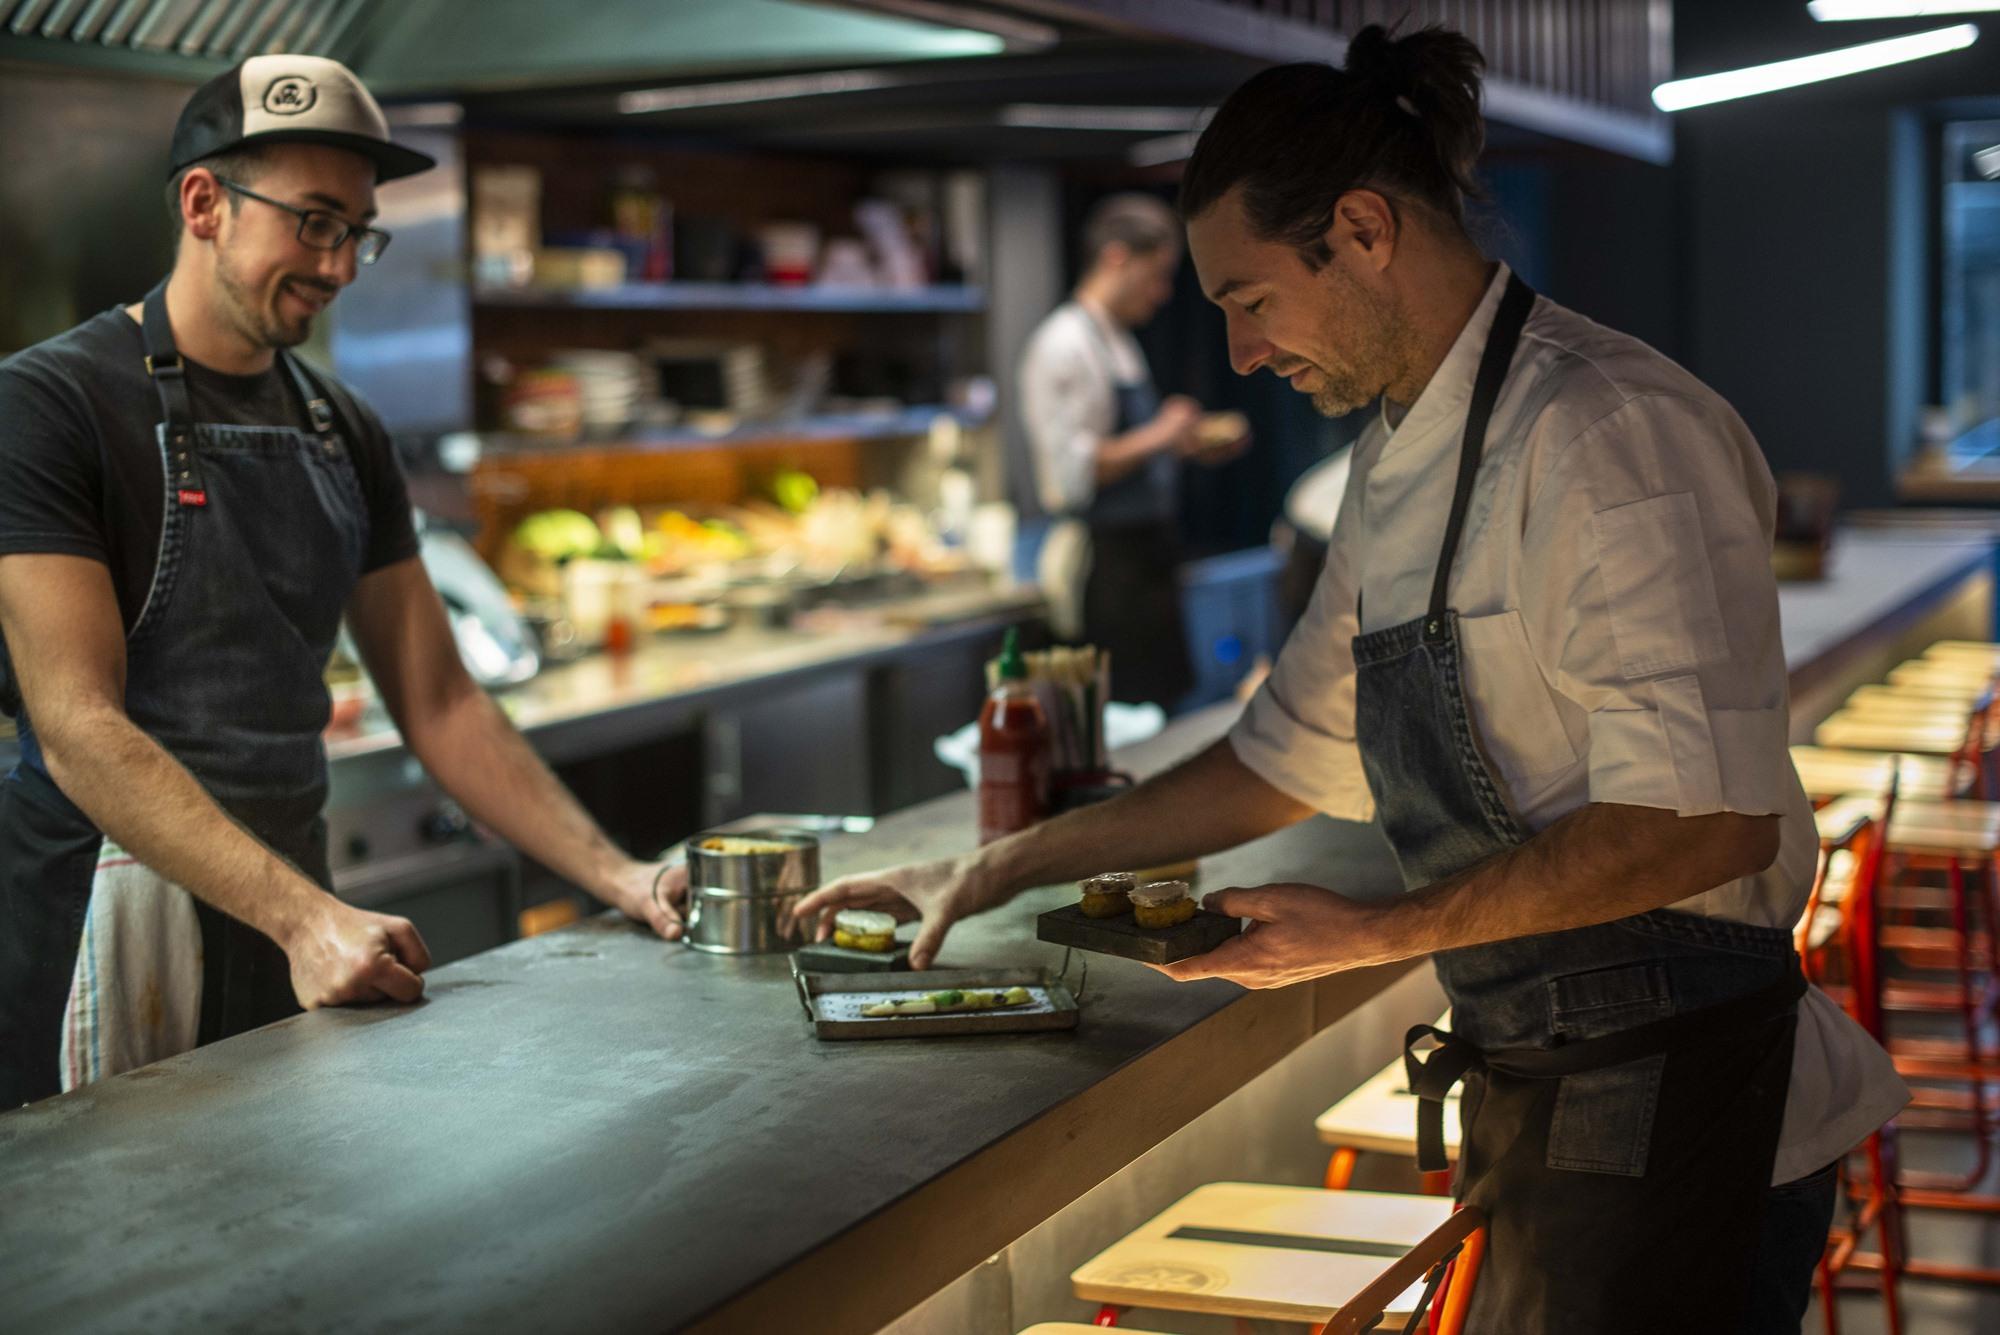 El original 'outfit' de los chefs llama la atención de los comensales, así como sus explicaciones.